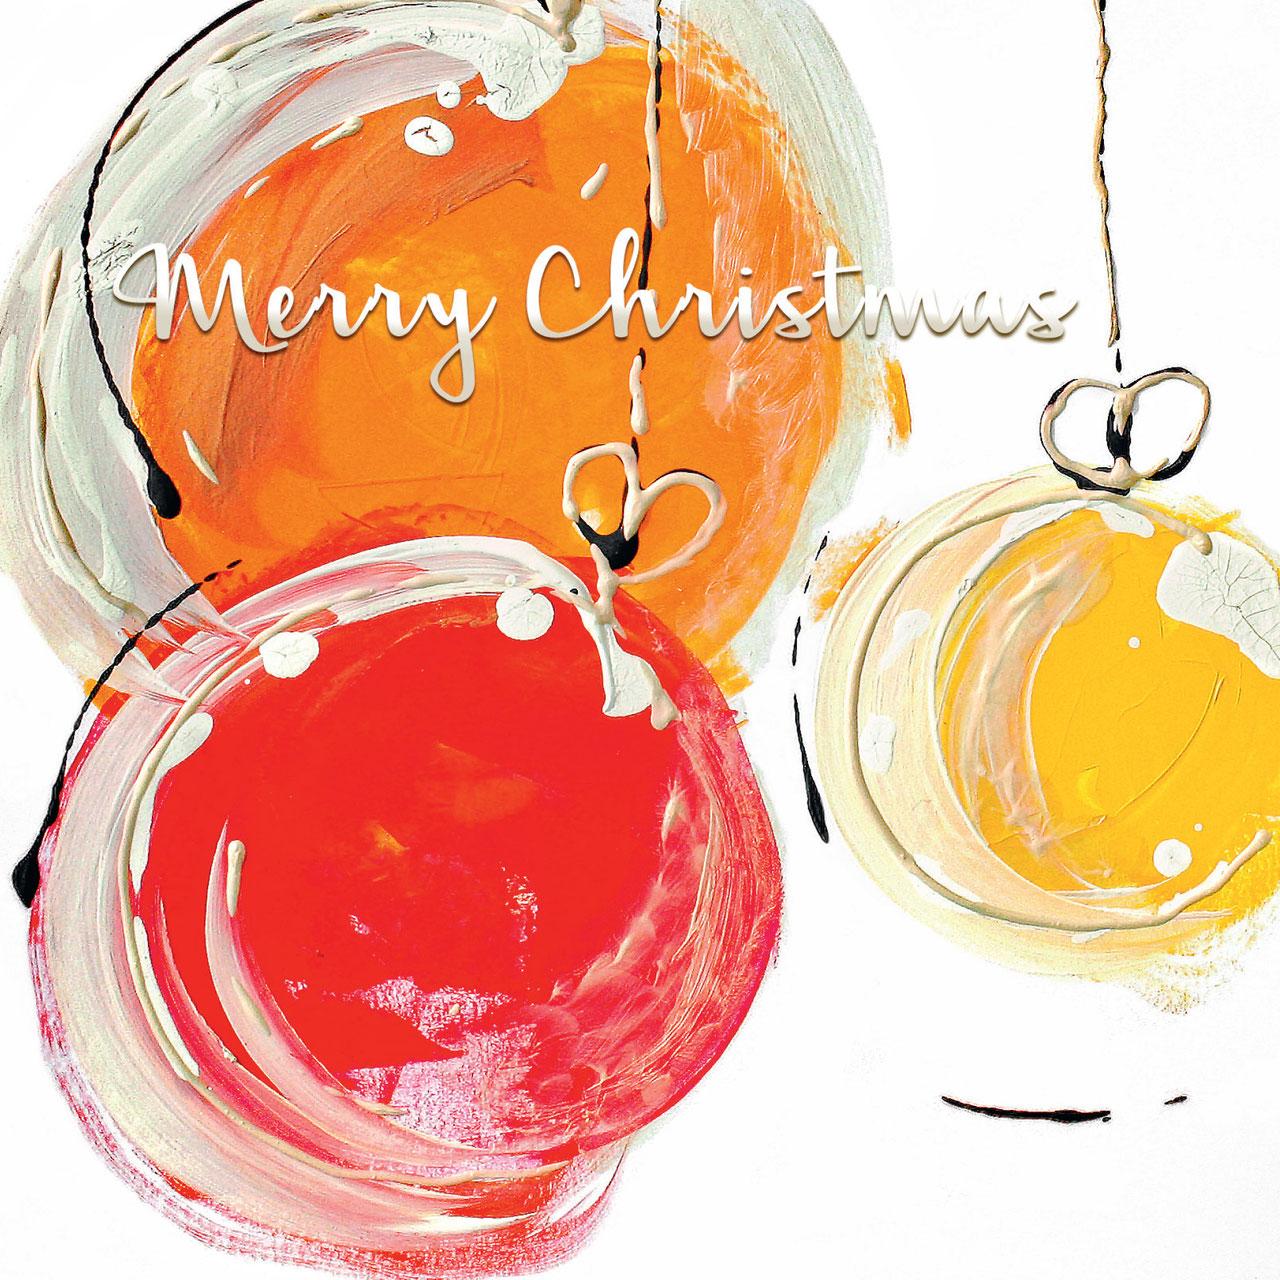 Weihnachtskarten Mit Gutem Zweck.Weihnachtskarte Mit Gutem Zweck Für Die Stiftung Theodora